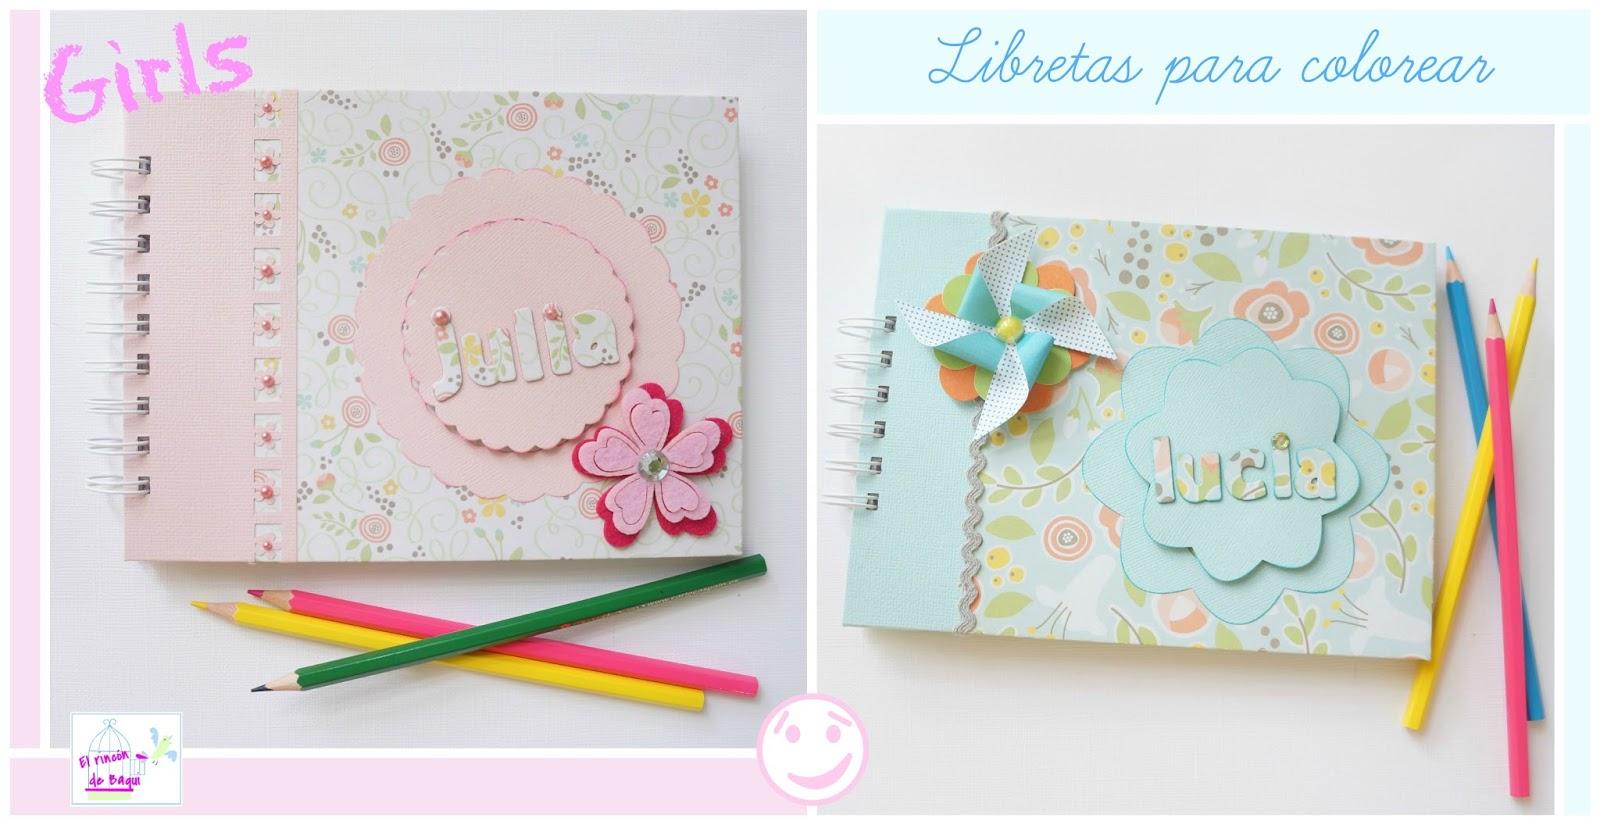 Libreta De Dibujo Con Dibujos Infant: Cómo Hacer Libretas Infantiles Para Colorear